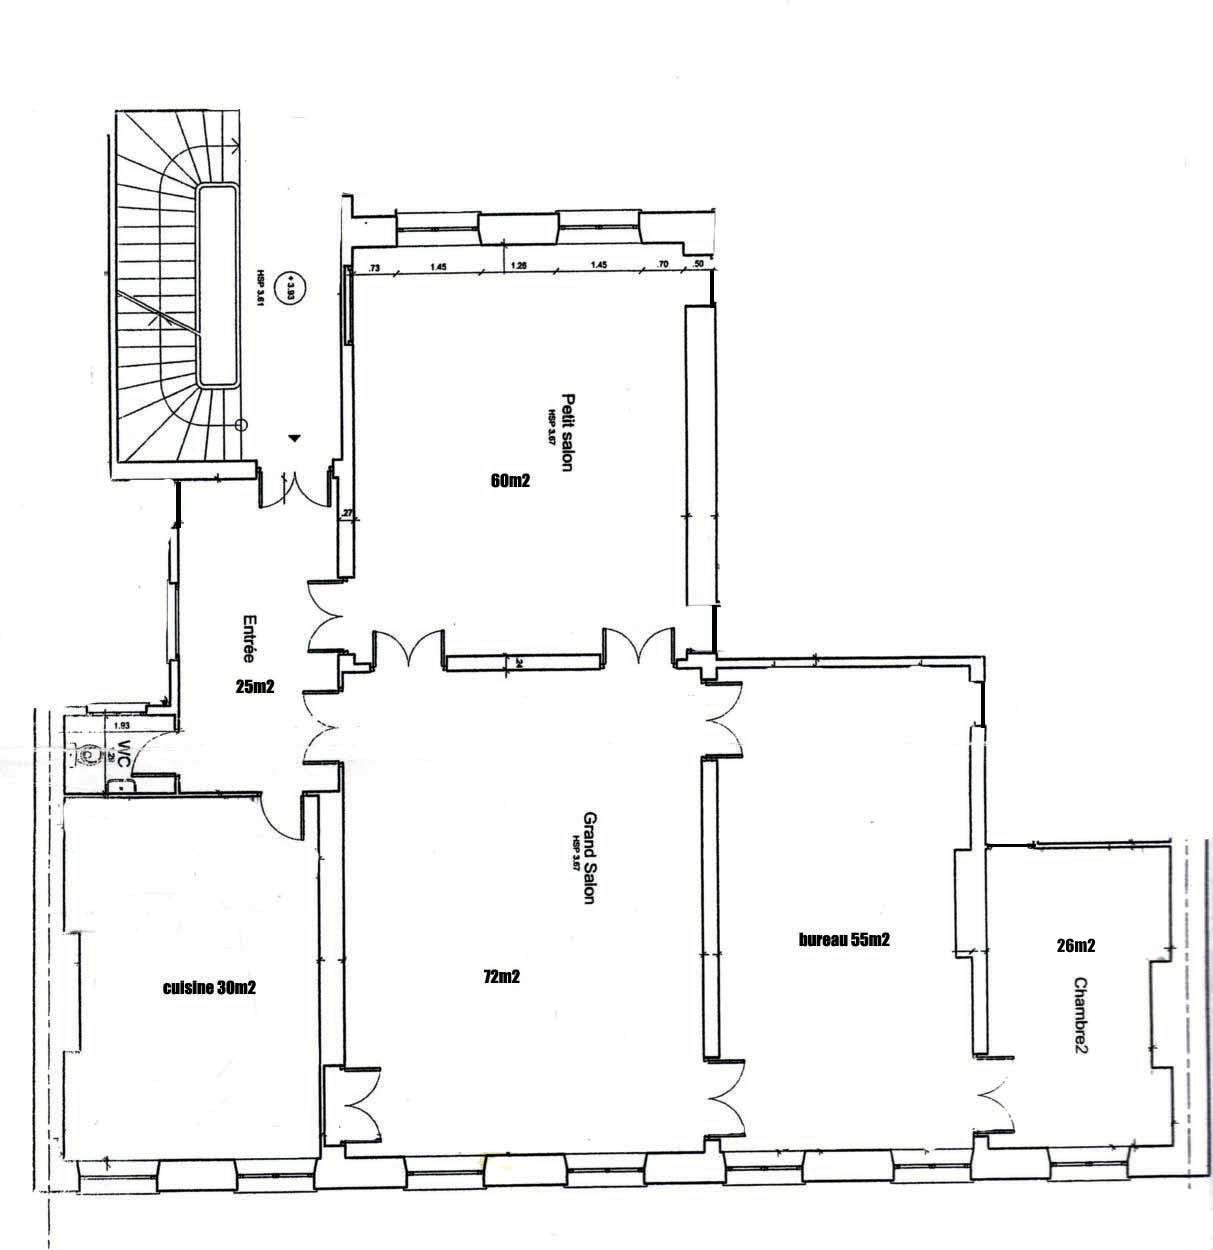 plan maison moderne 150m2. Black Bedroom Furniture Sets. Home Design Ideas